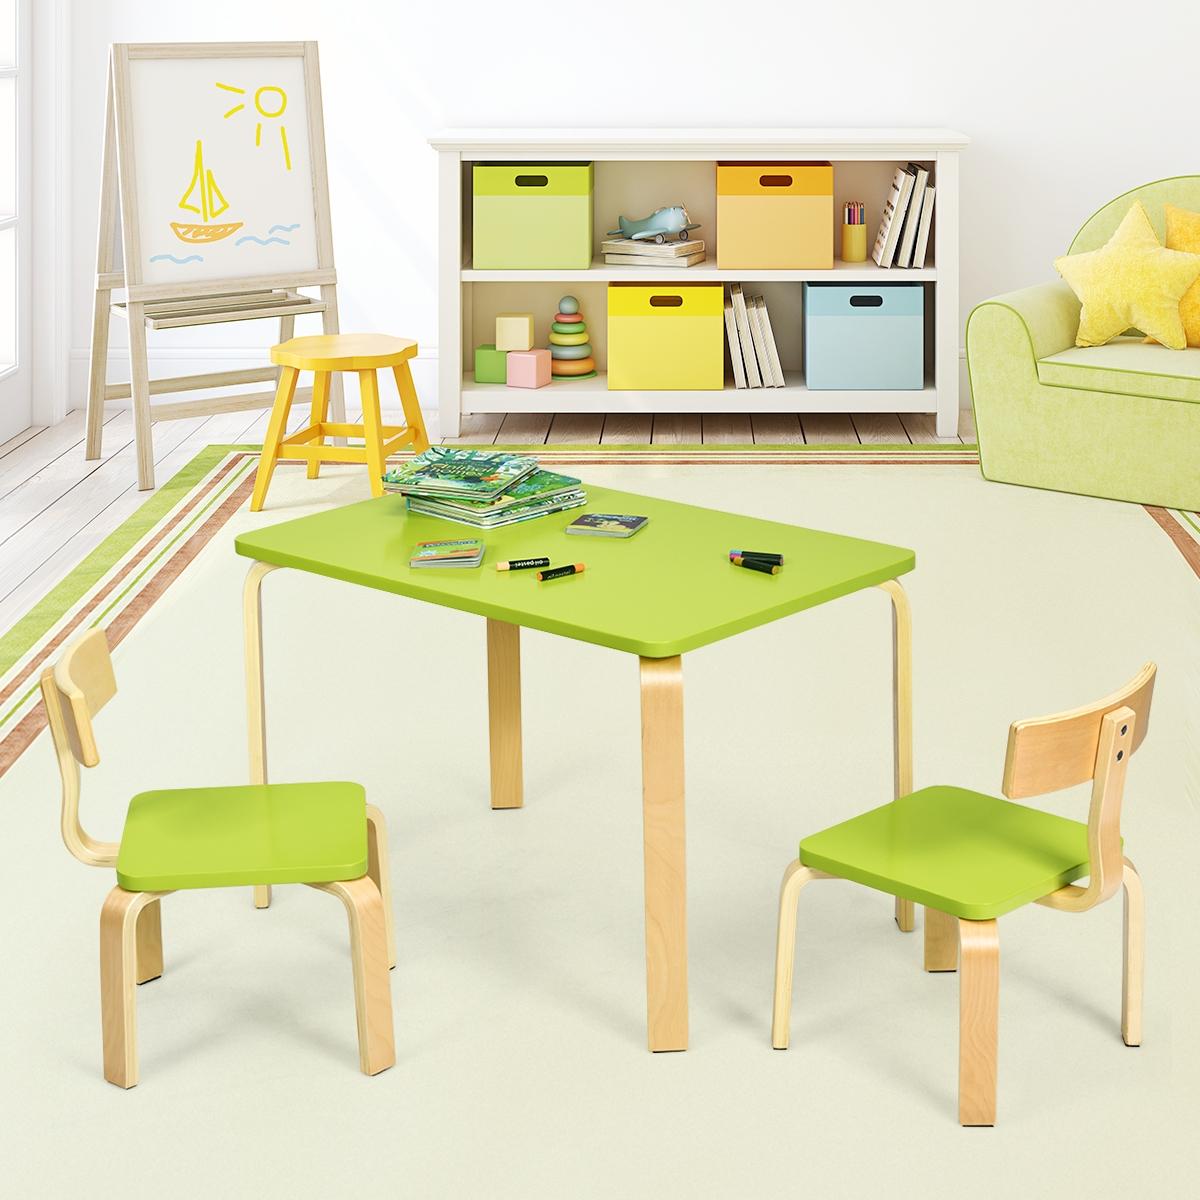 Costway Set tavolo e 2 sedie di legno per bambini per casa asilo e aule 78x53x53cm Verde